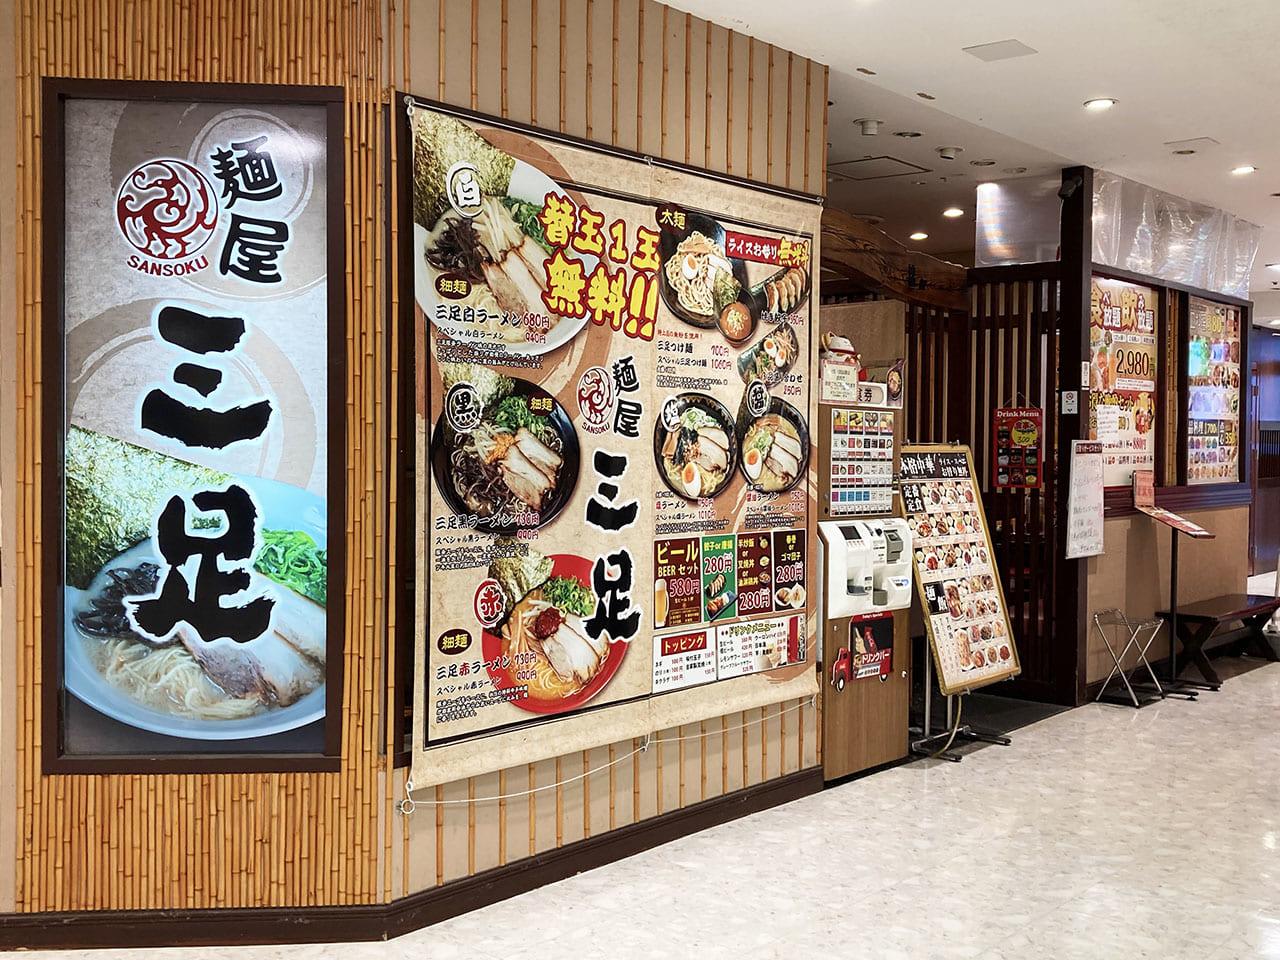 ザ・スクエア1階『麺屋 三足』が12月27日をもって閉店